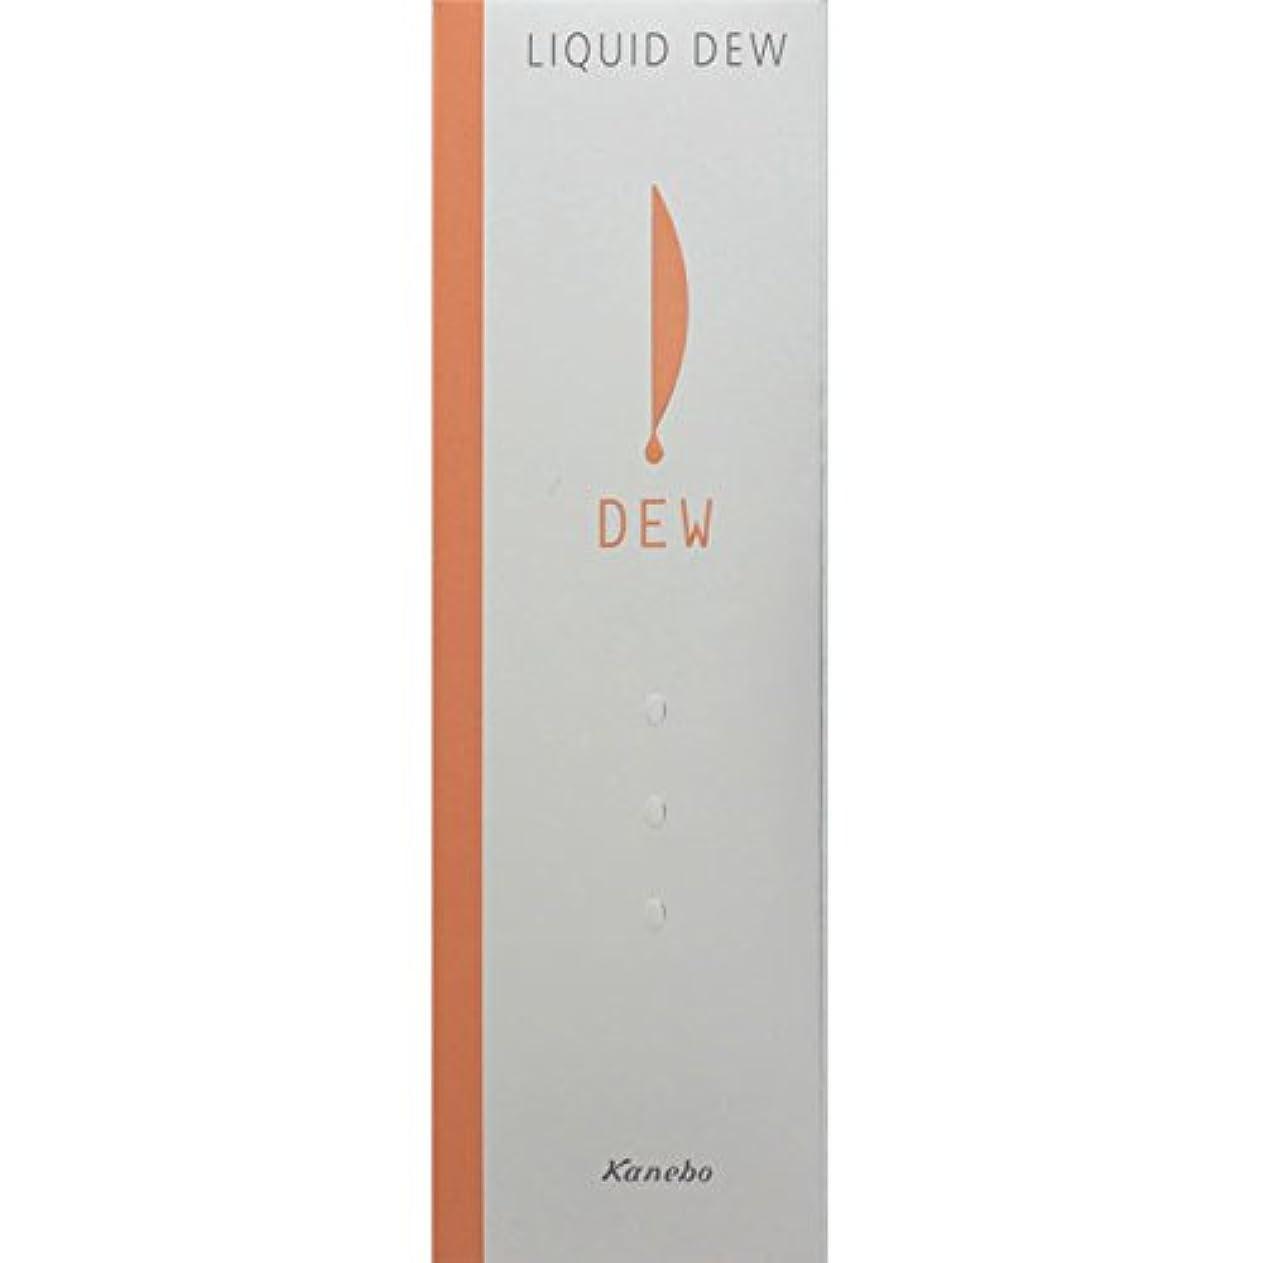 謙虚な定常面積カネボウ DEW リクイドデュウ【オークルB】(保湿液?ファンデーション